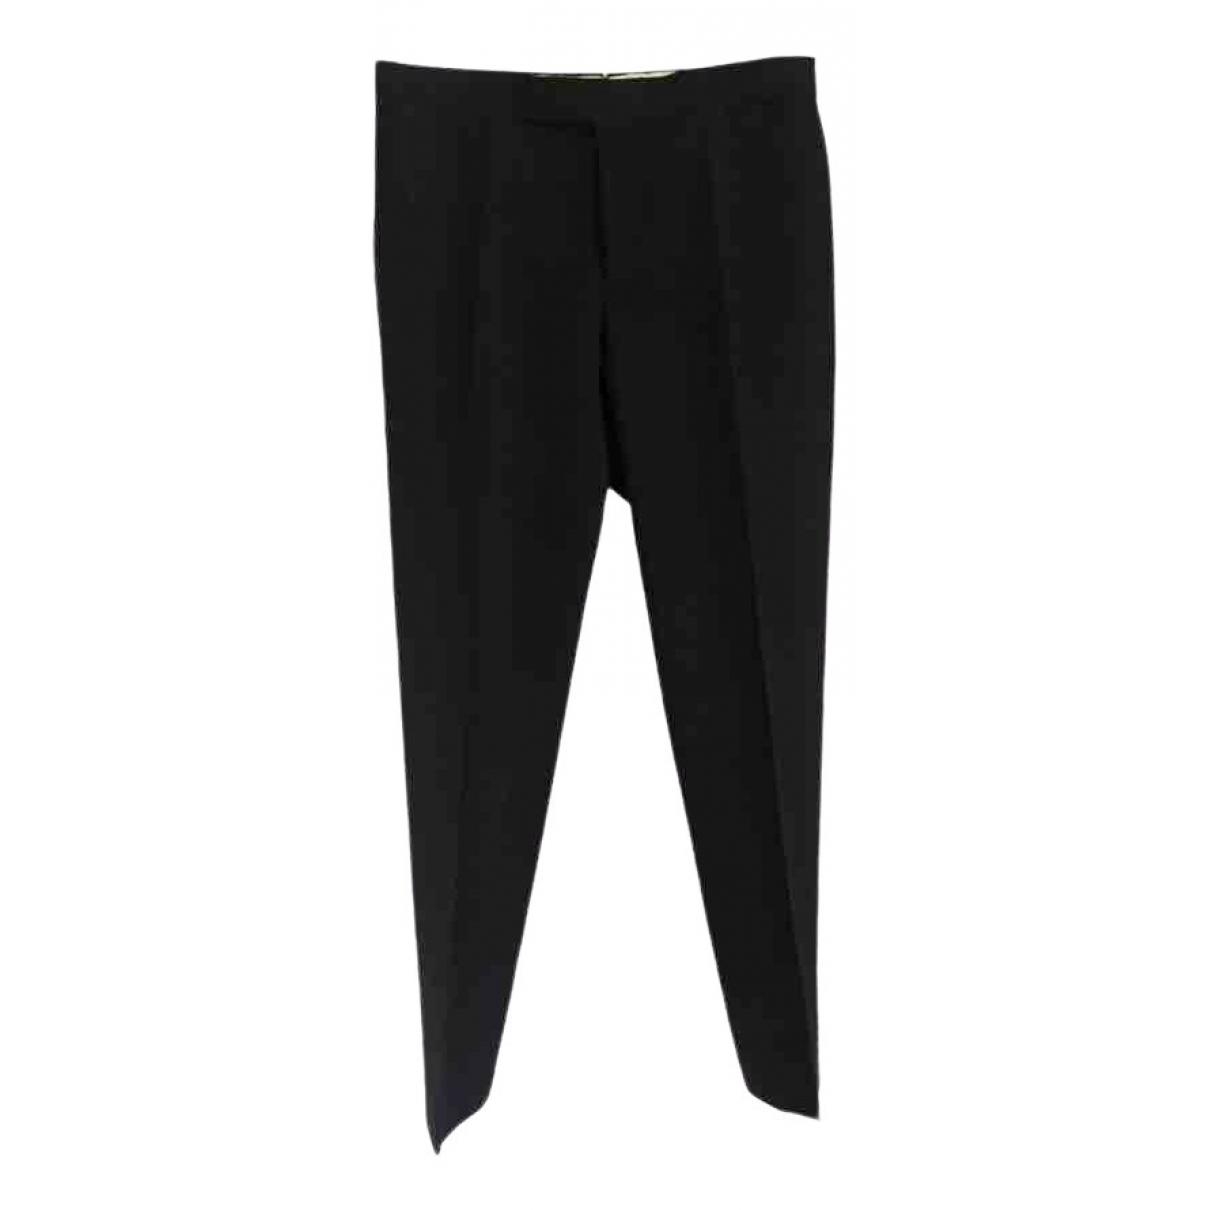 Pantalones en Viscosa Negro Lanvin